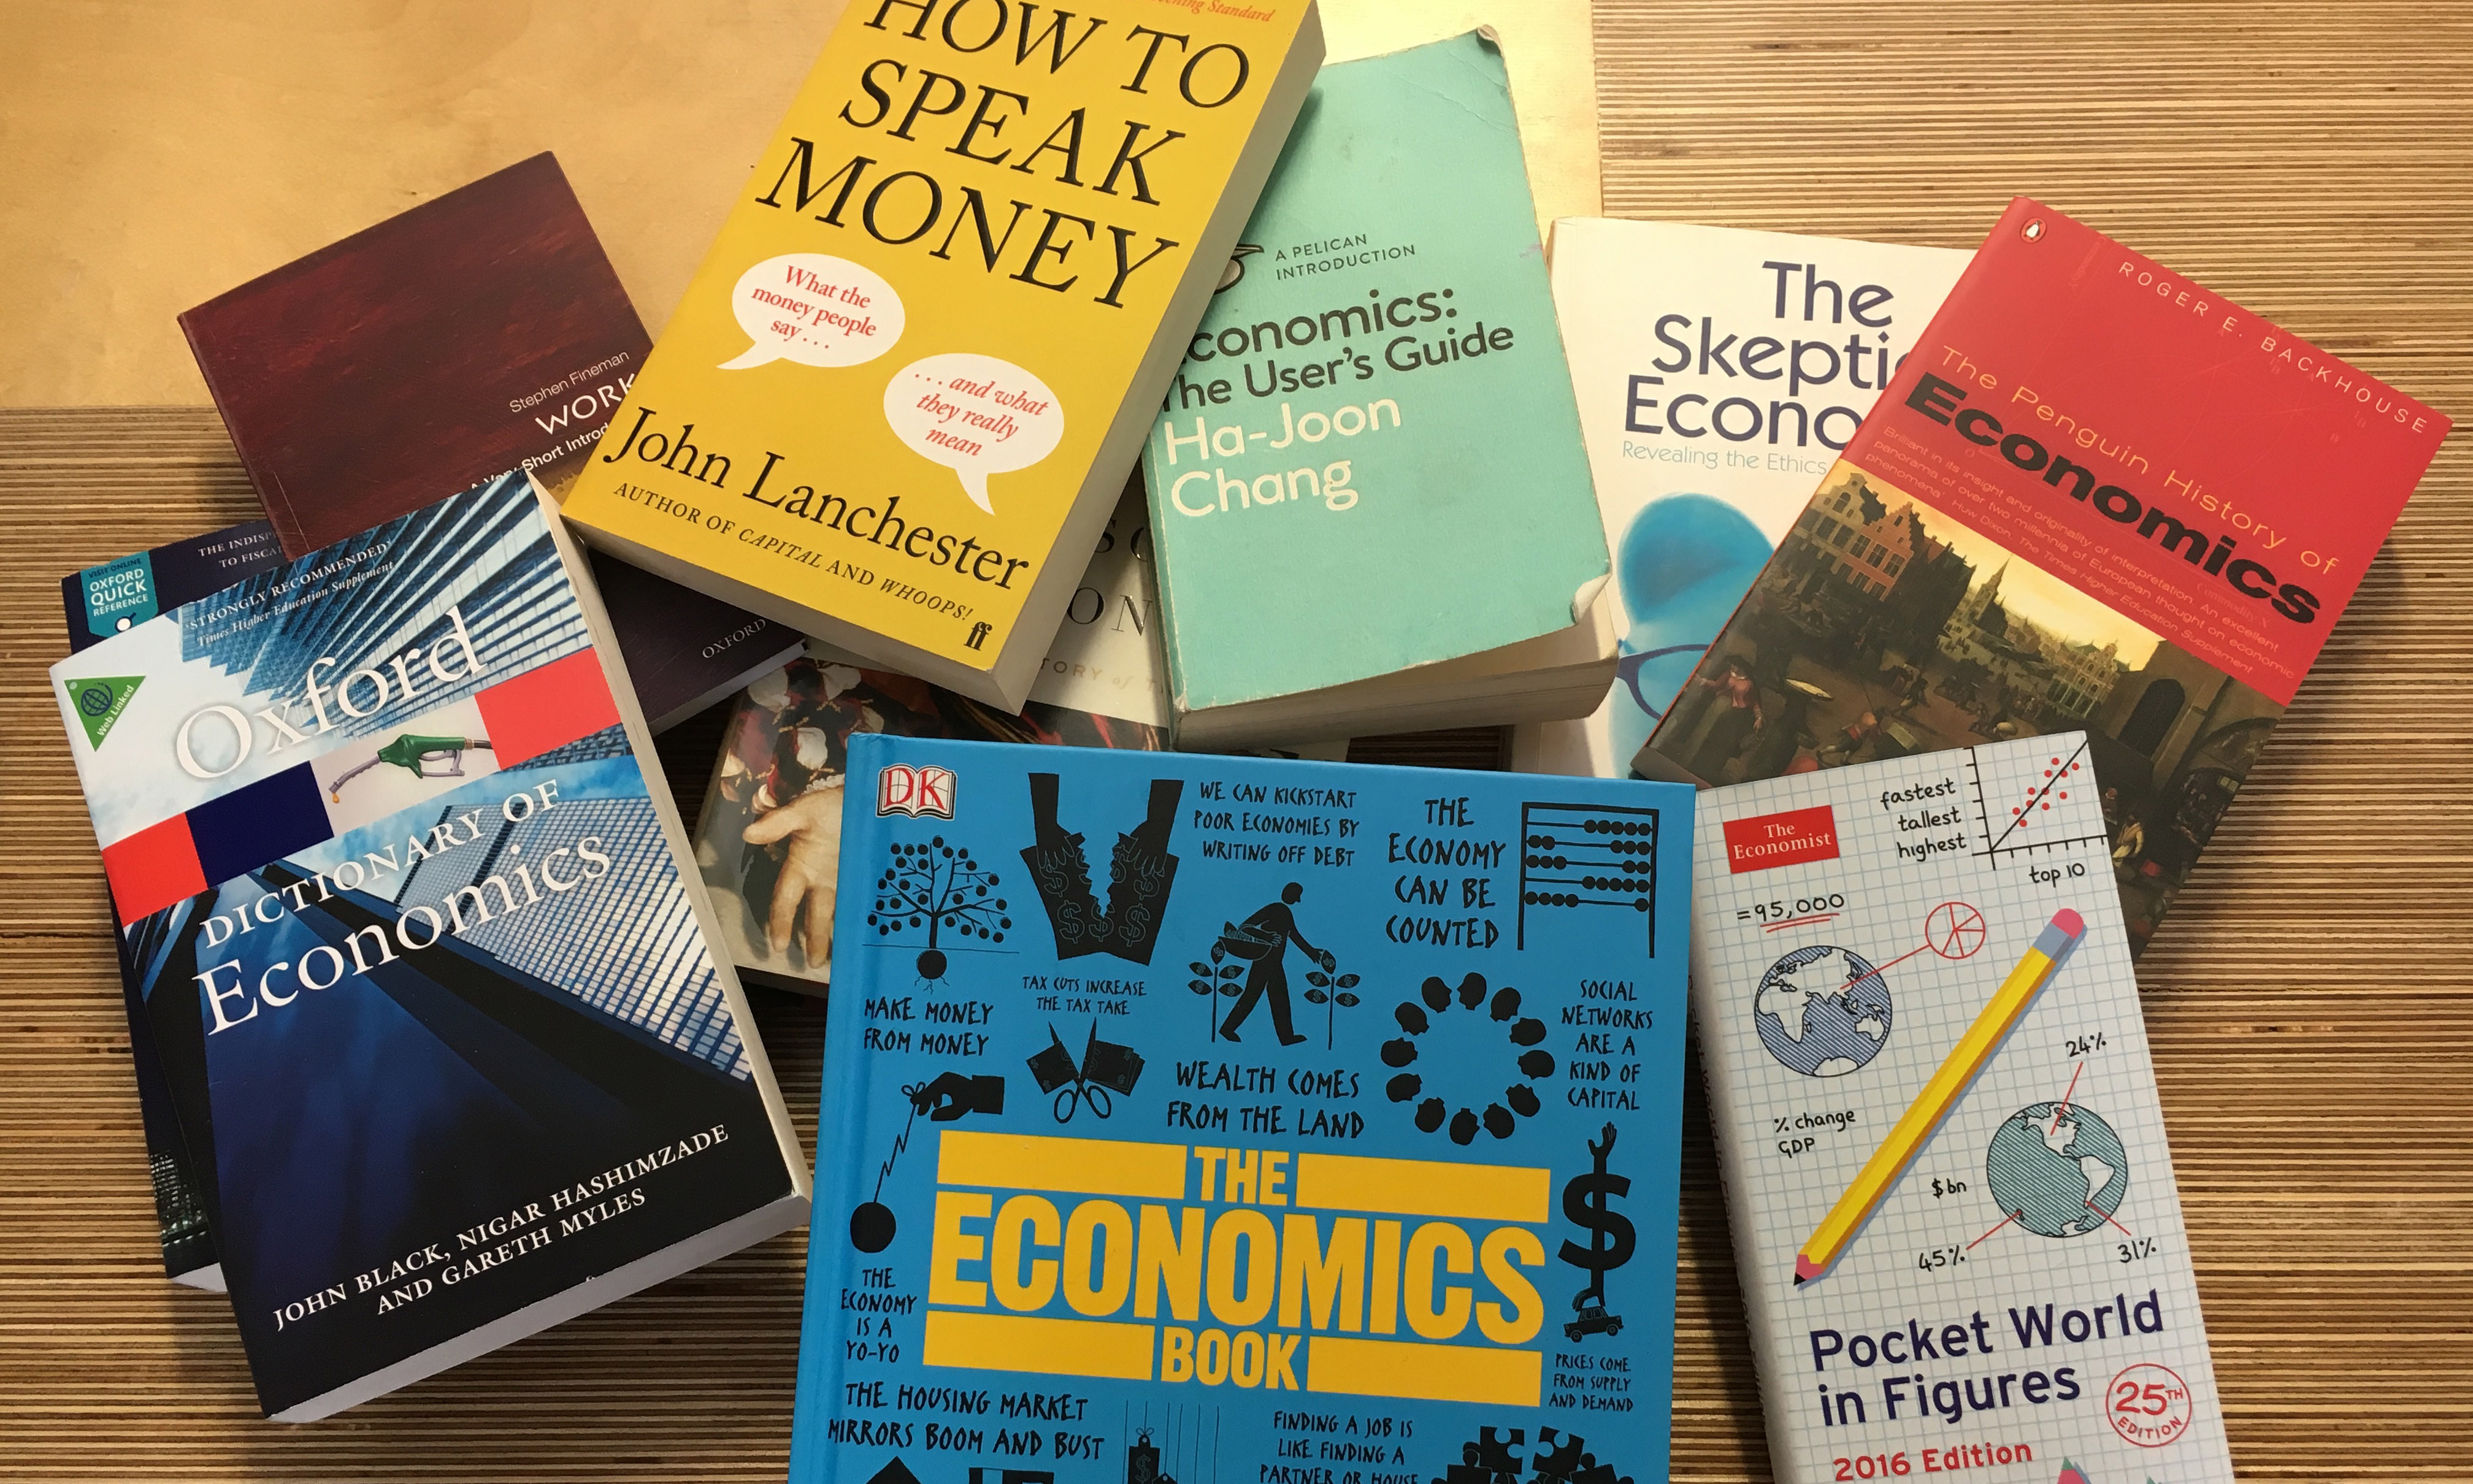 Economy Books